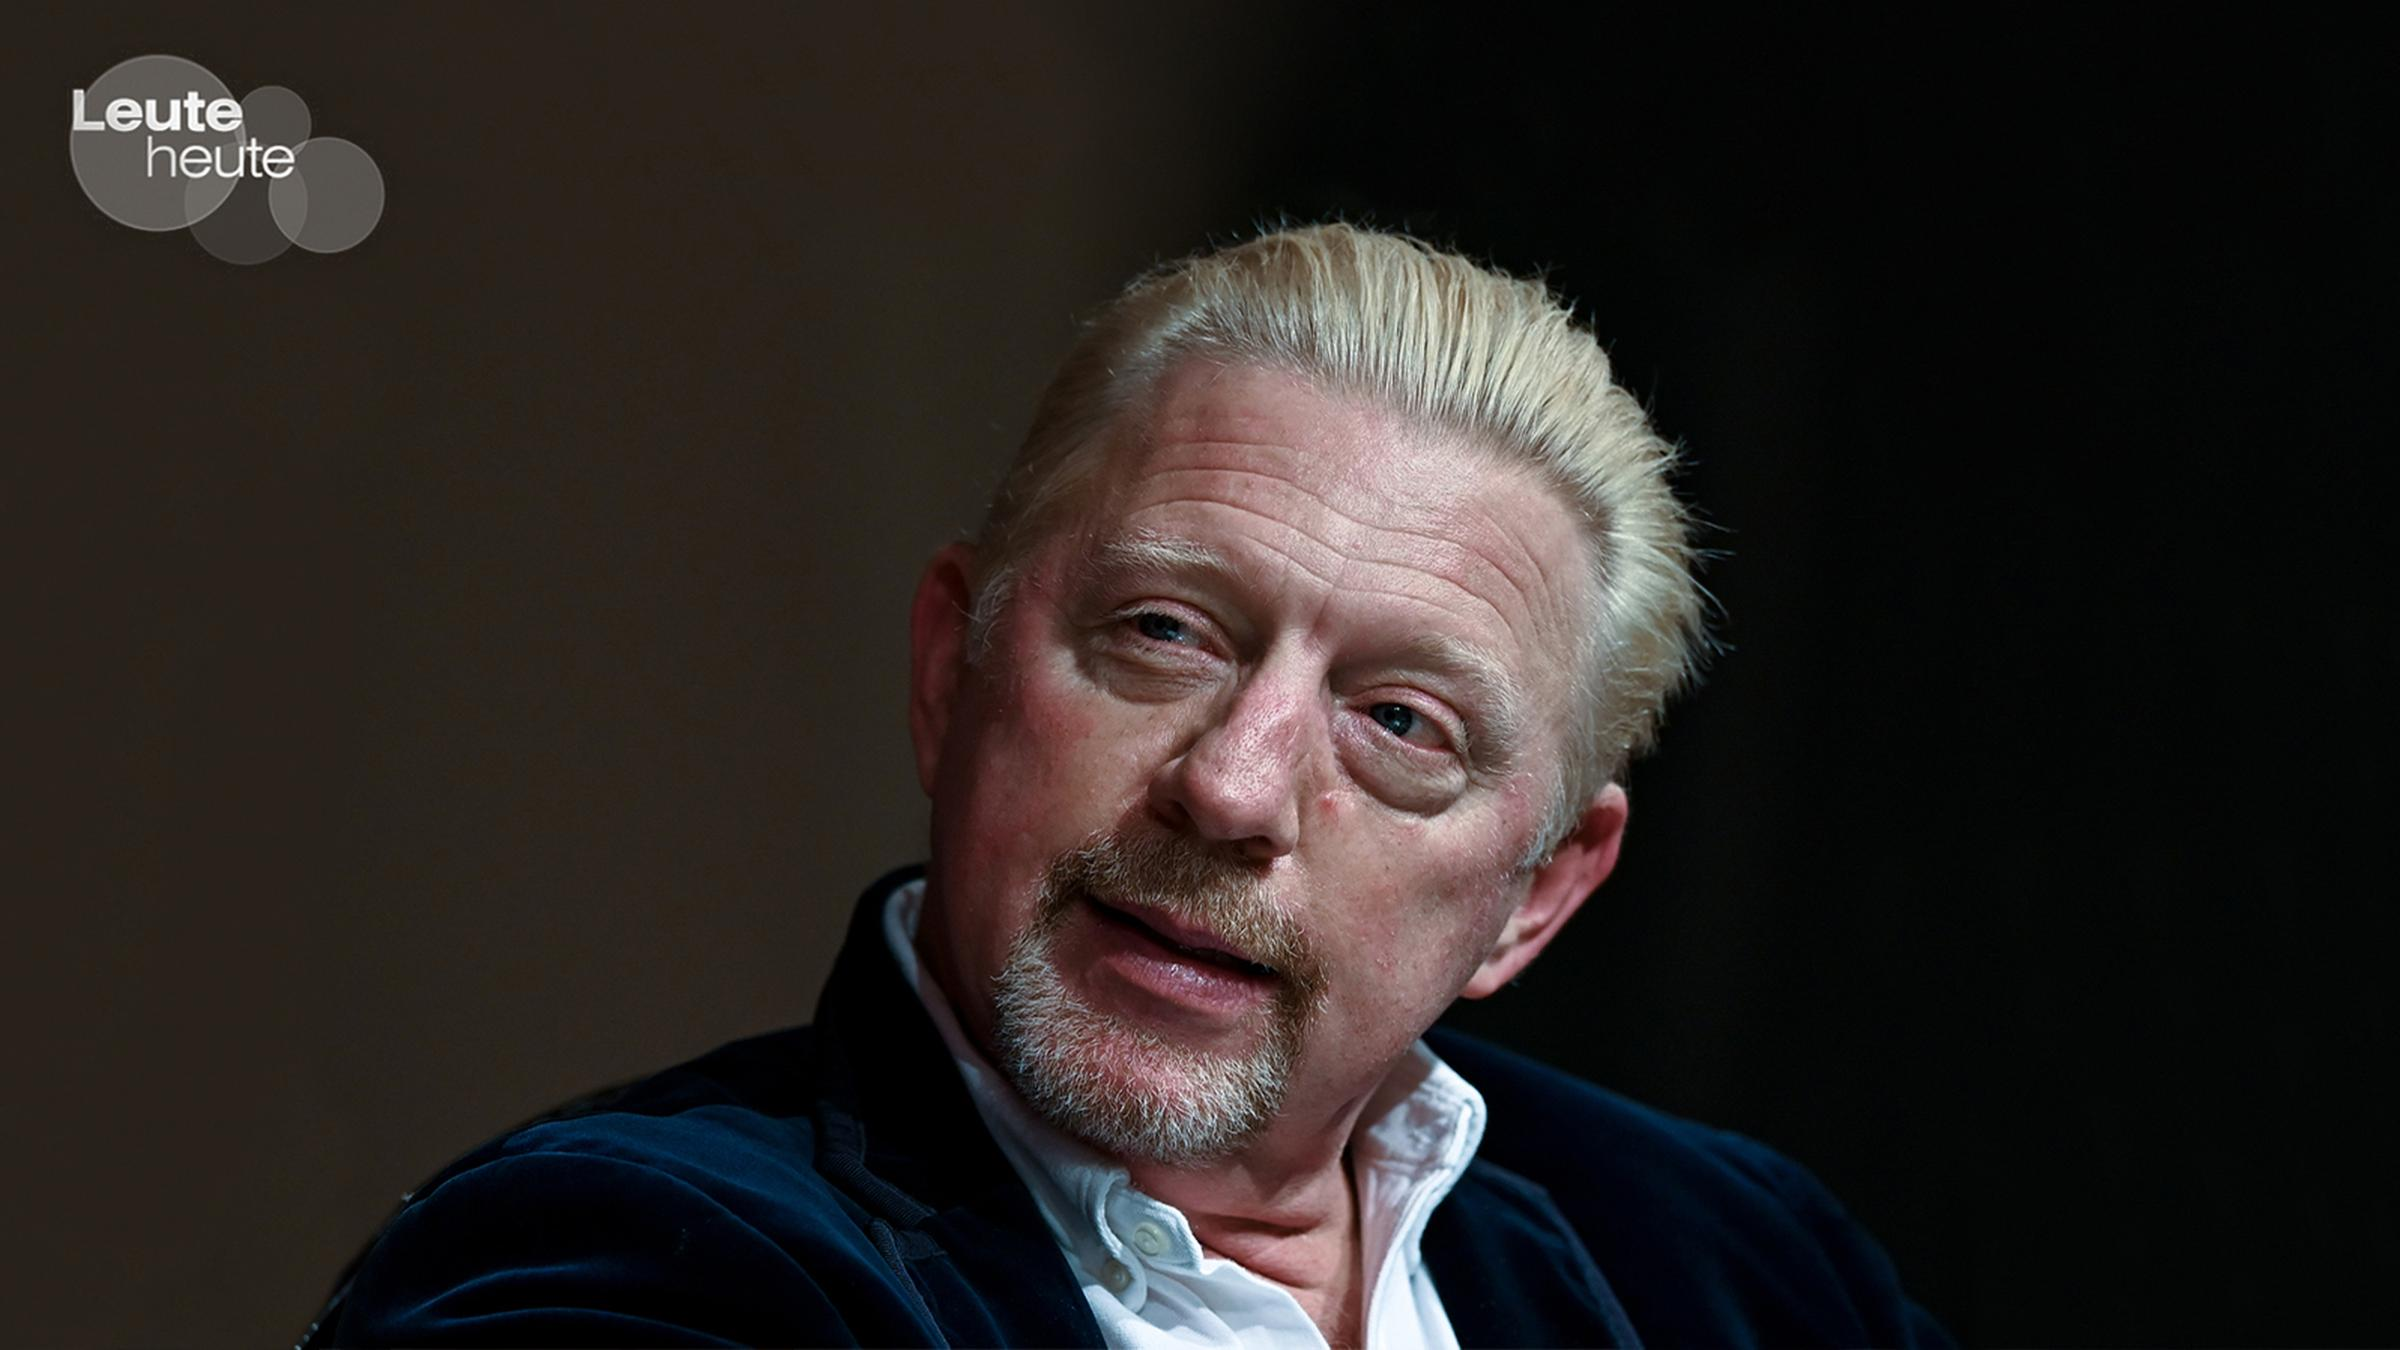 Boris becker tochter hässlich